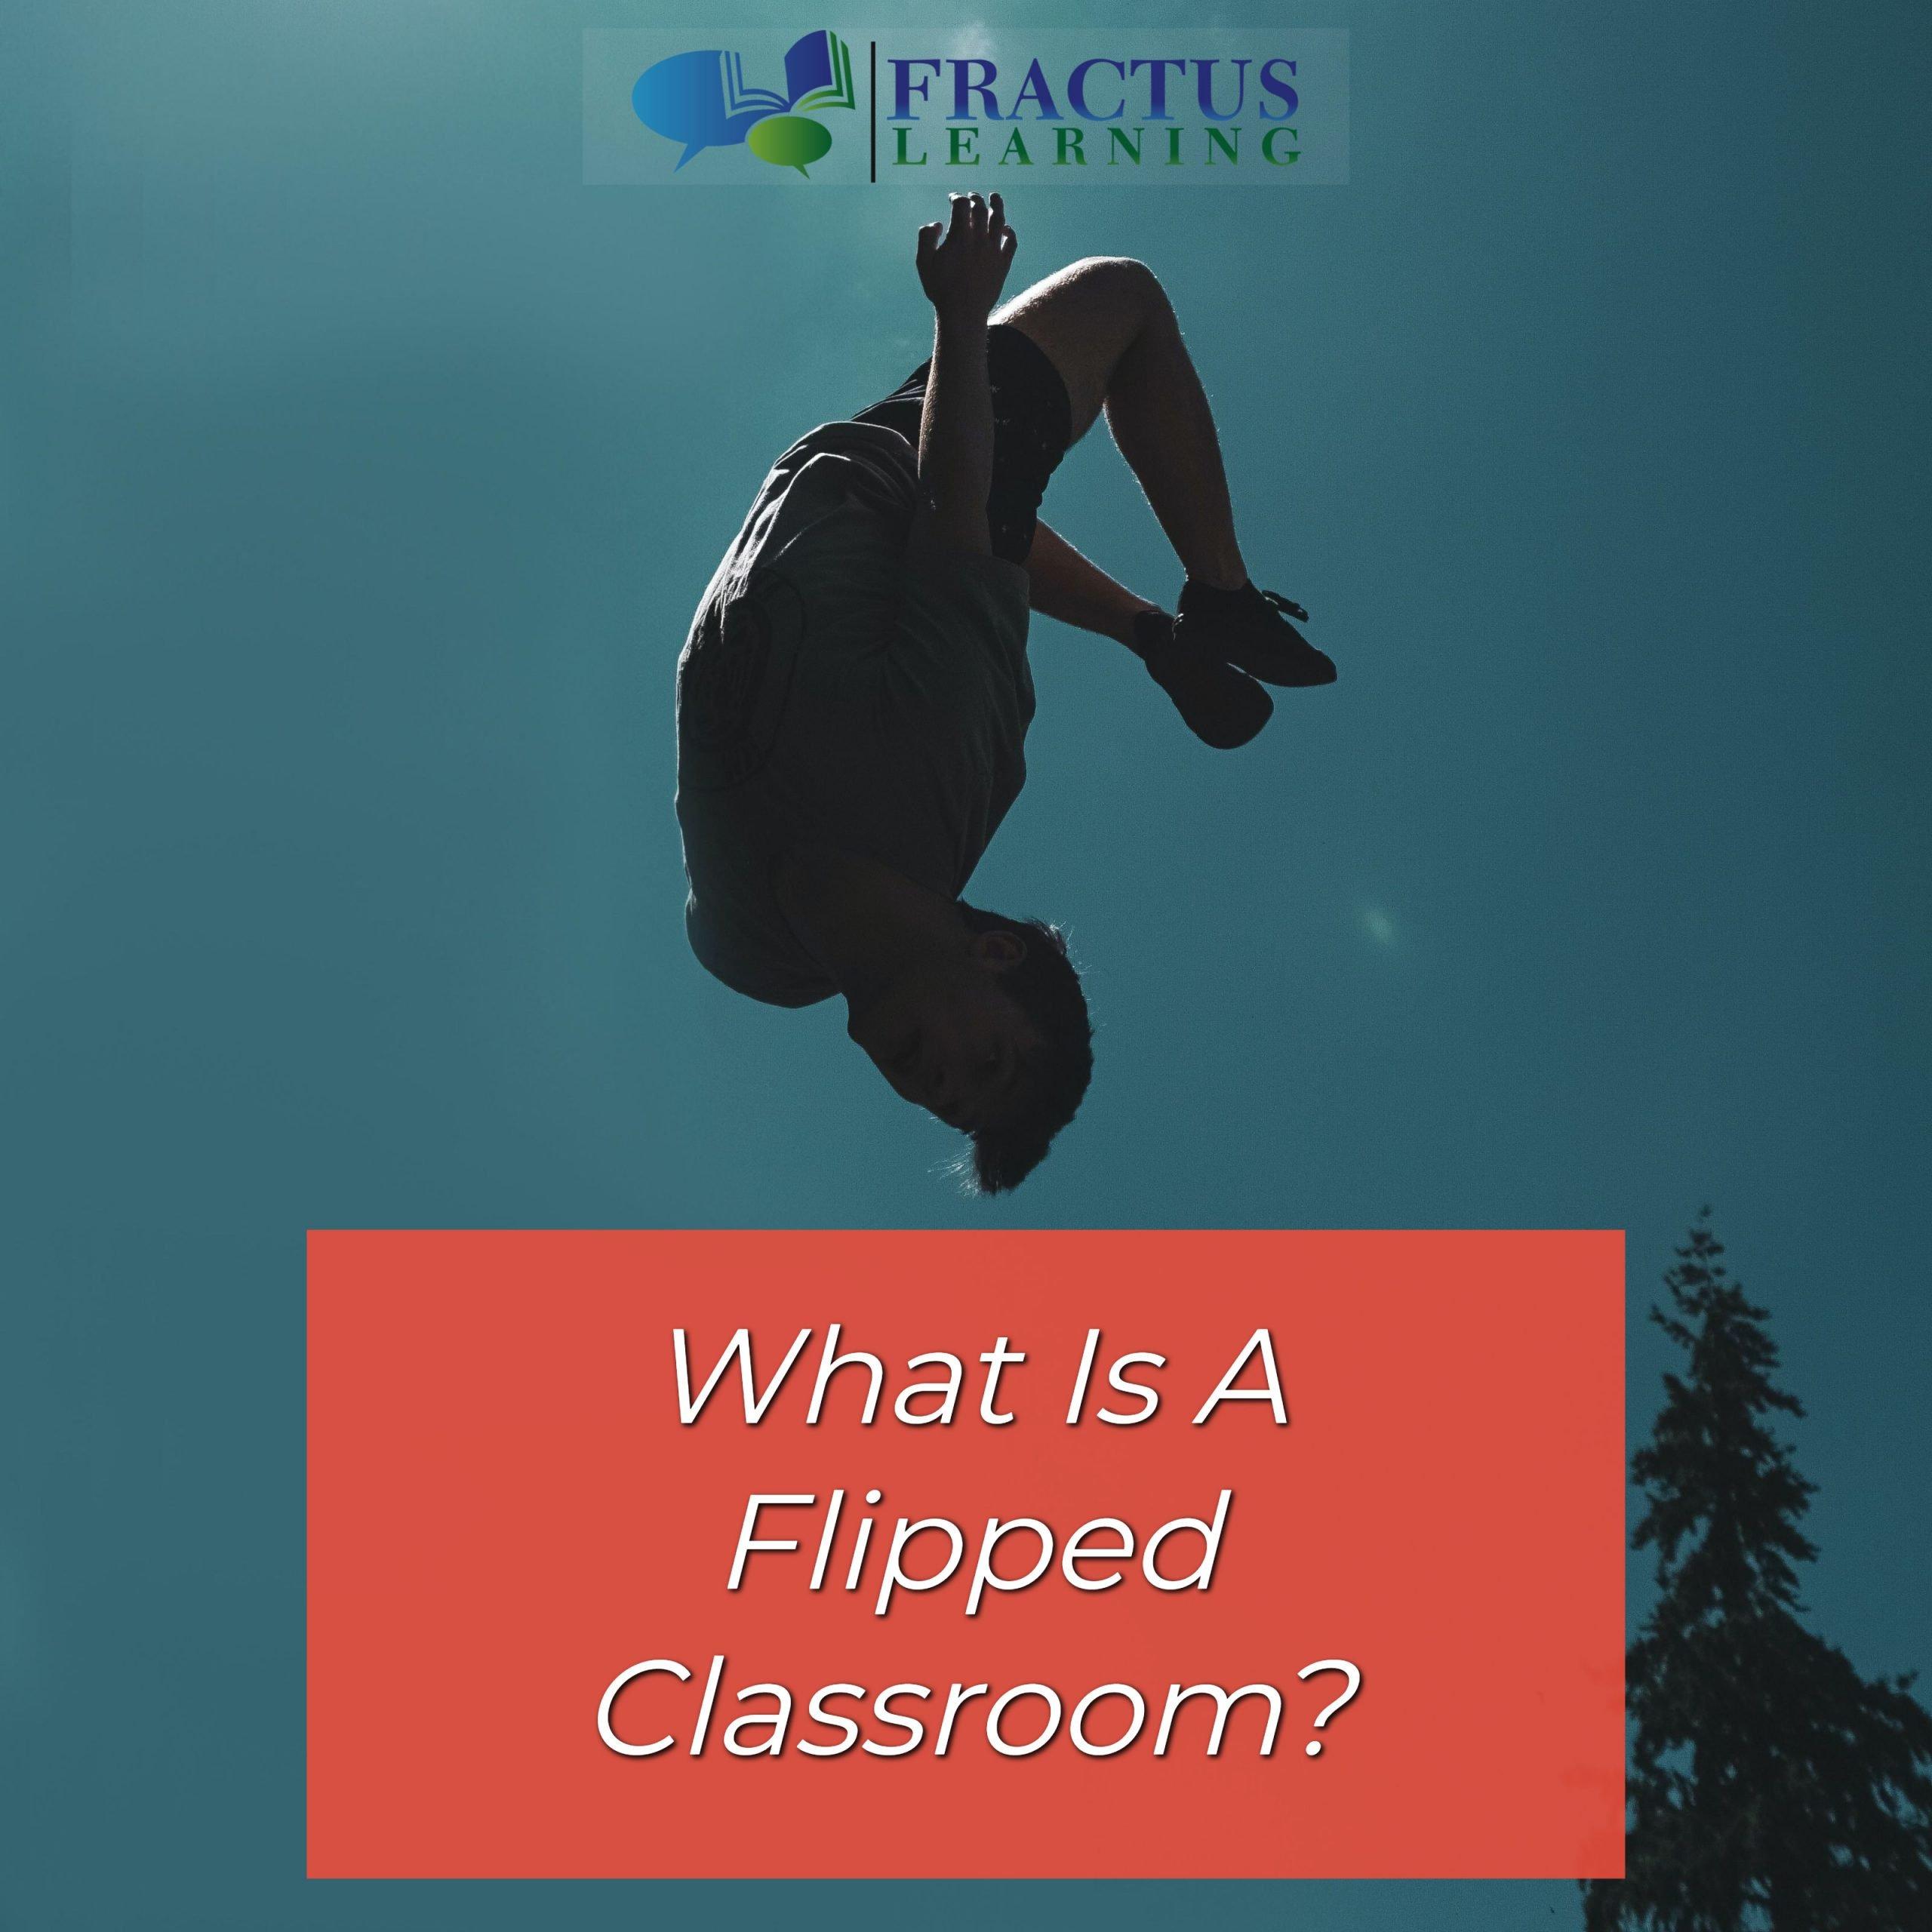 flipped classroom main